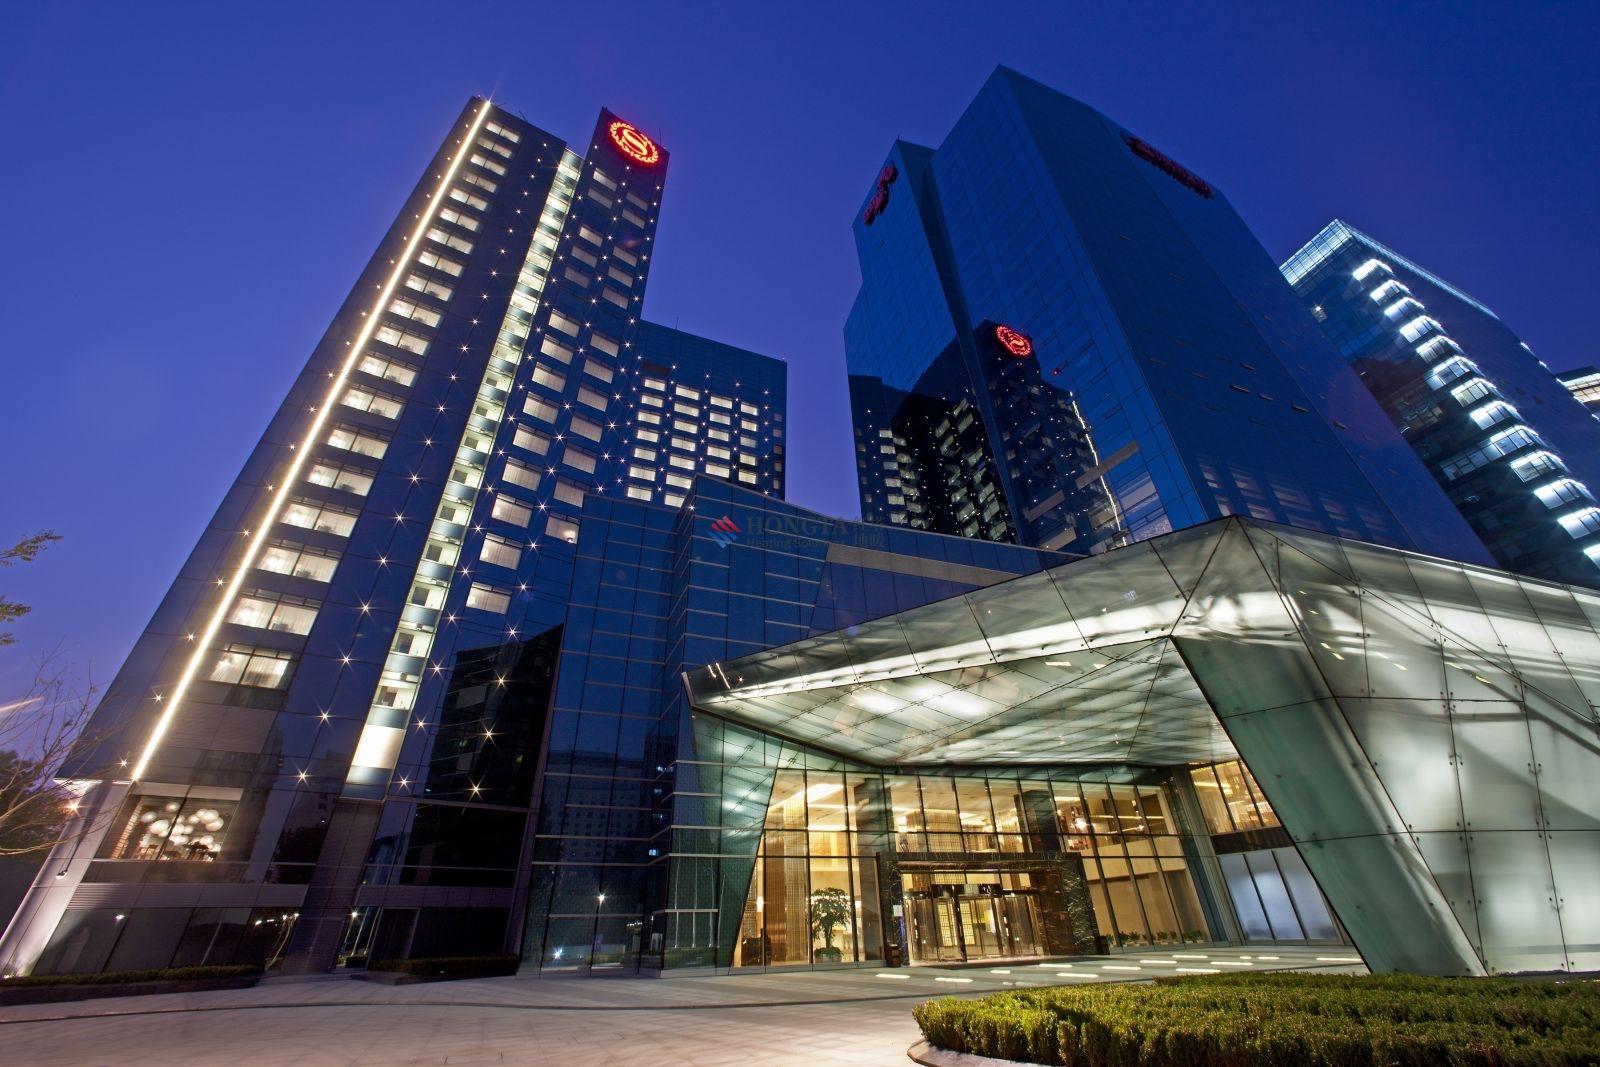 北京喜来登酒店设有441间客房的全新商务酒店位于朝阳商业区的外围,邻近北京首都国际机场,由一座办公大楼改建而成。其大堂保留原有的外露柱梁建筑,与传统的开放式设计截然不同。香港HBA合伙人Fiona Bagaman指出:此设计带来流动的元素,因为客人需穿越这具备柱梁的大堂空间才能到达酒店前台和电梯前厅。 HBA并没有将这些柱子隐藏于墙身之内,而是故意将之外露运用了折叠与展开的概念,犹如将纱线交织成布,而此概念经微调后,成为中式折扇的主题。Bagaman女士解释道。要为柱子设计细节难度极